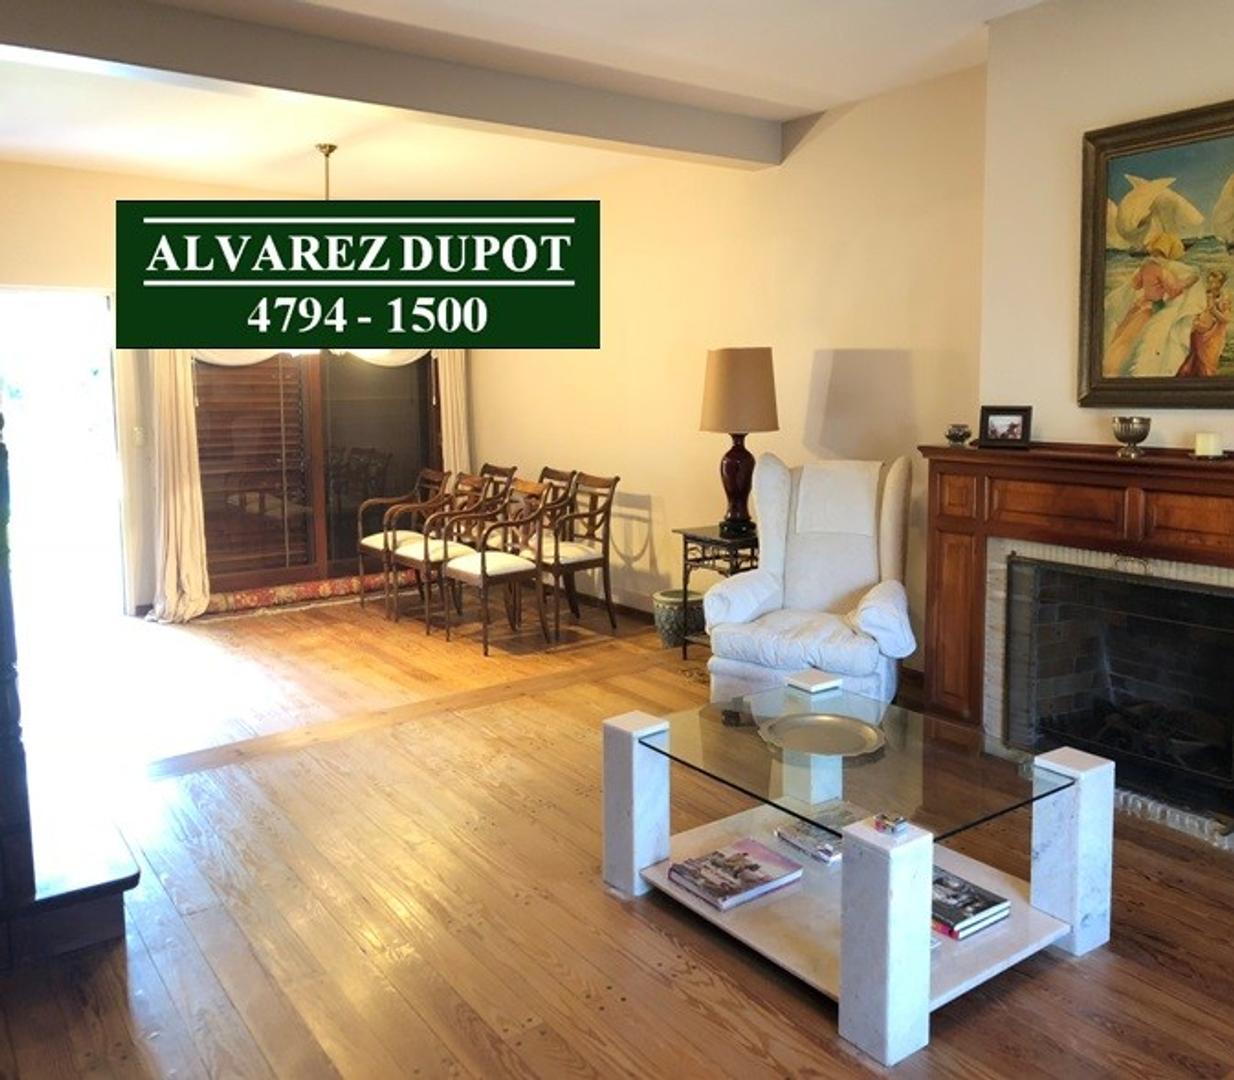 (ALV-ALV-3604) Casa - Venta - Argentina, Vicente López - HERNAN WINEBERG 2200